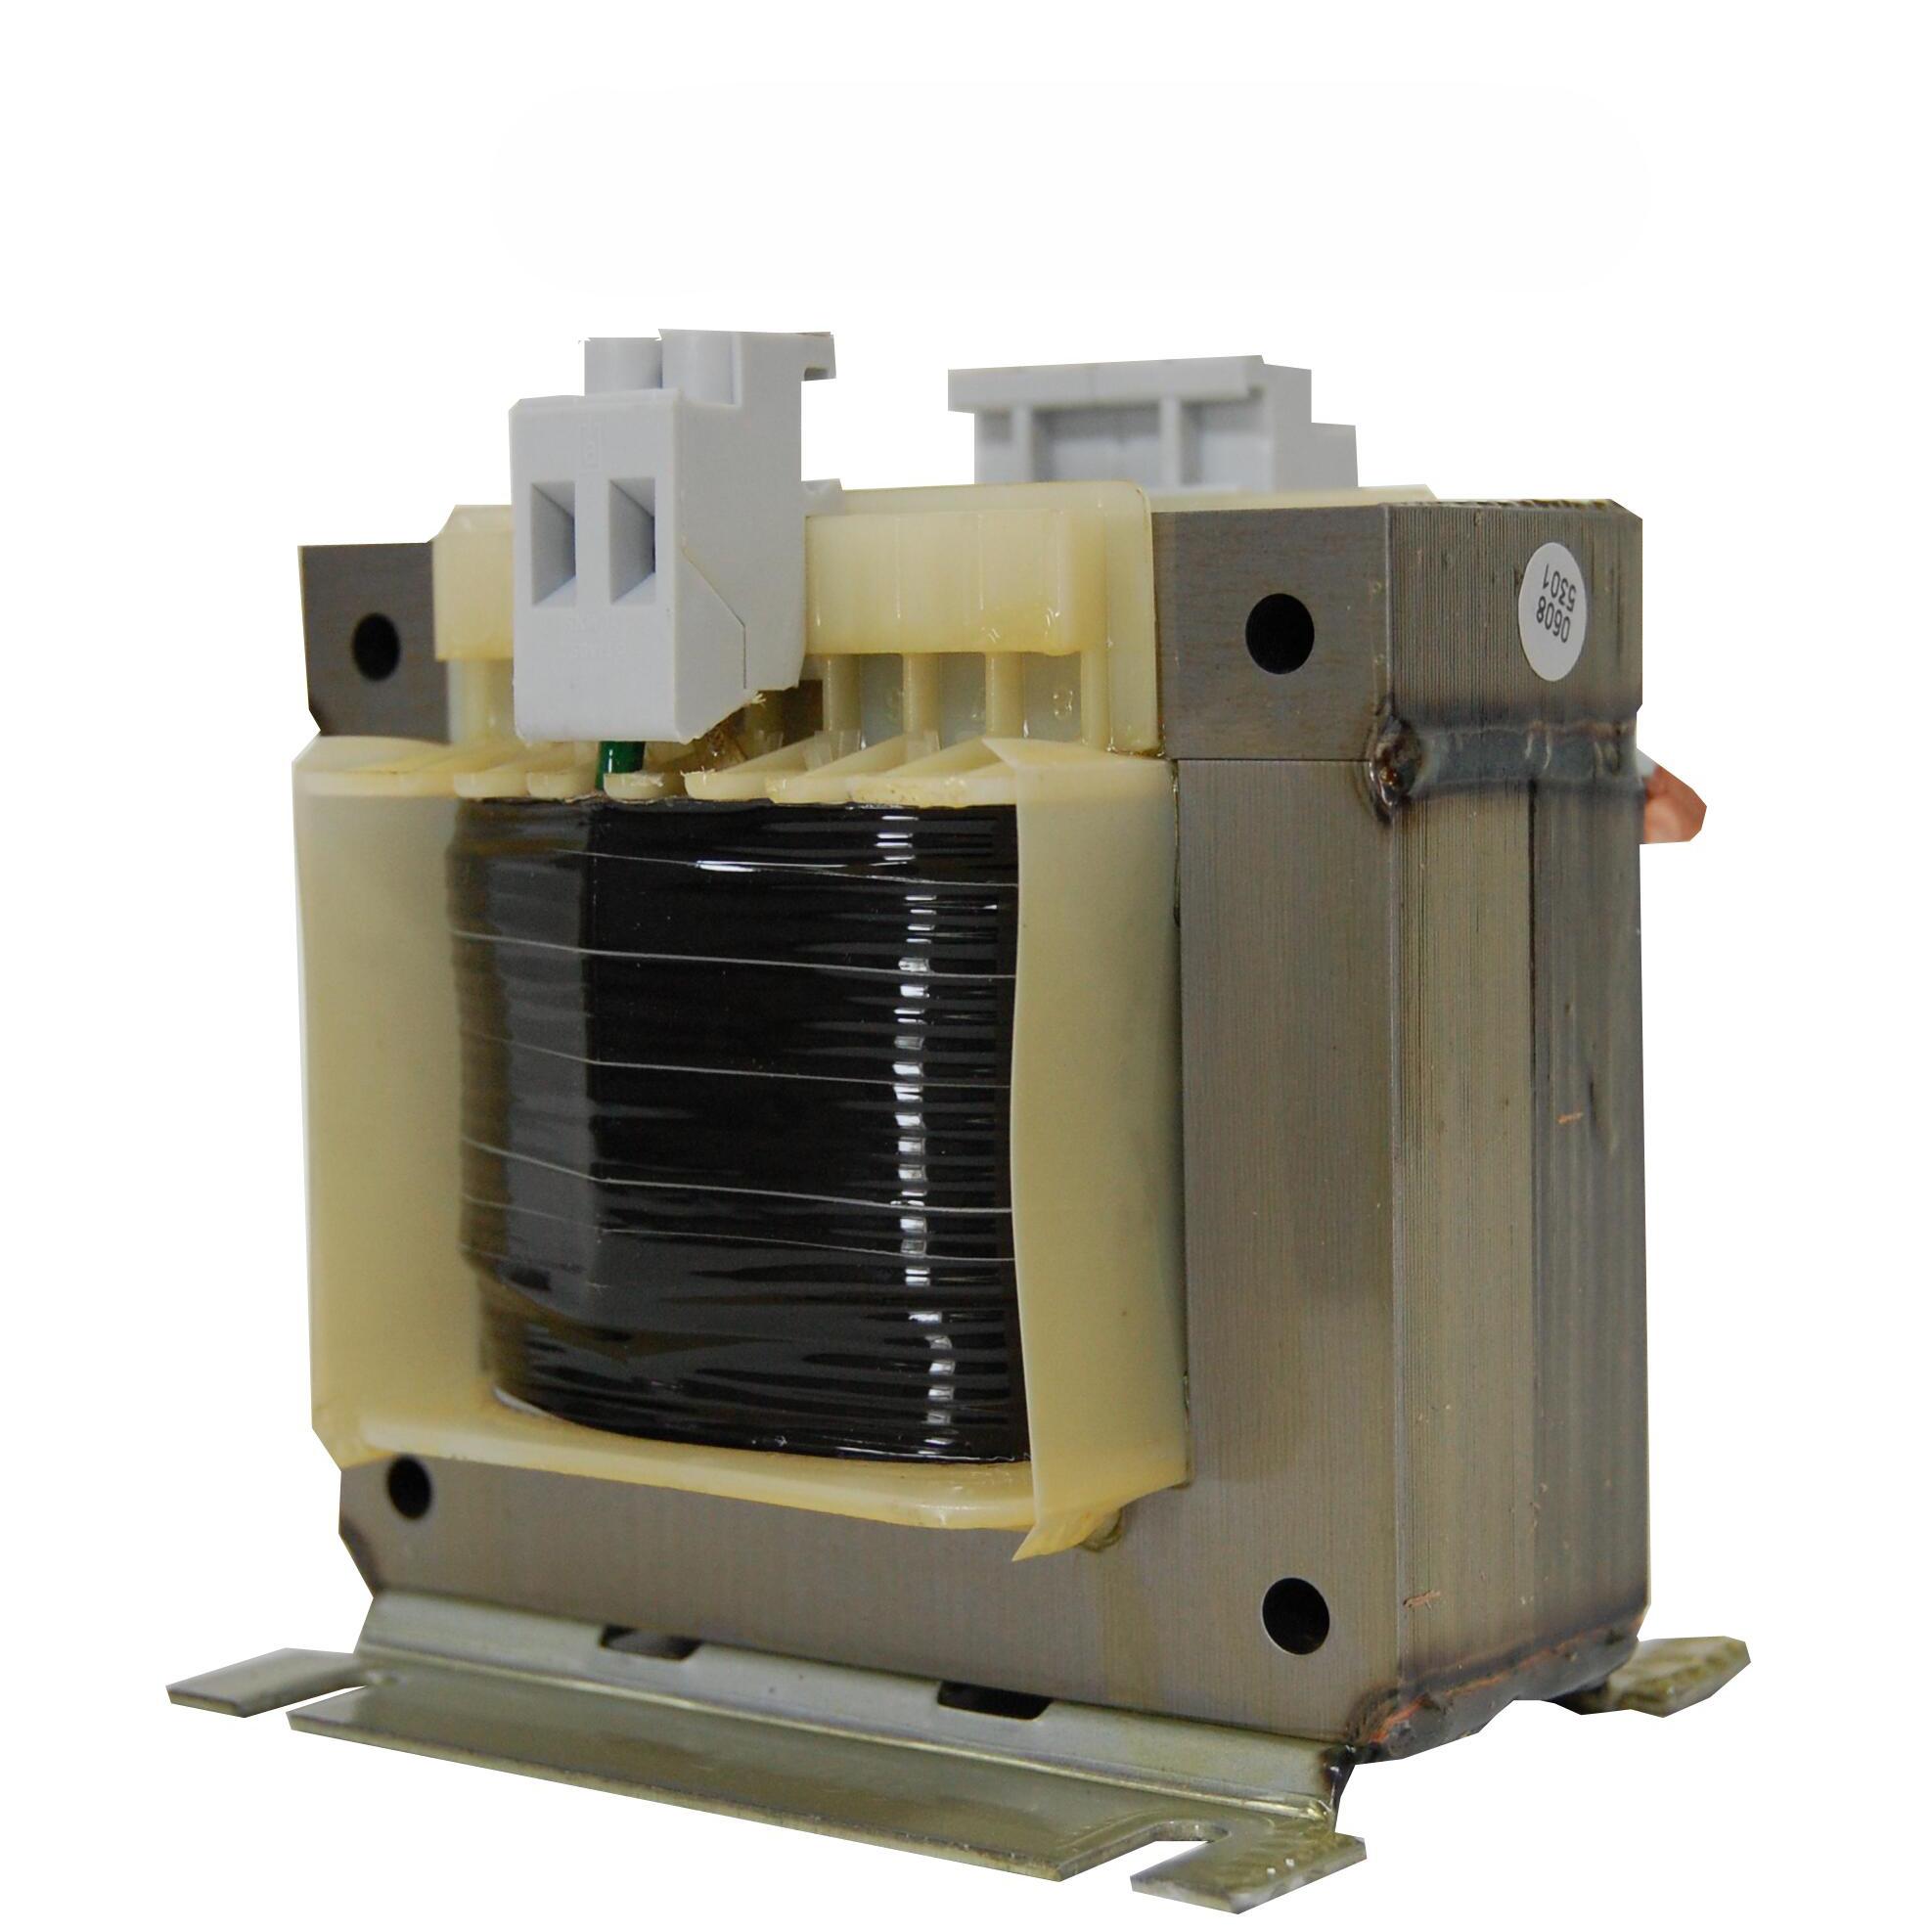 1 Stk Einphasen Steuertransformator 400/230V, 160VA, IP00 LP604016T-